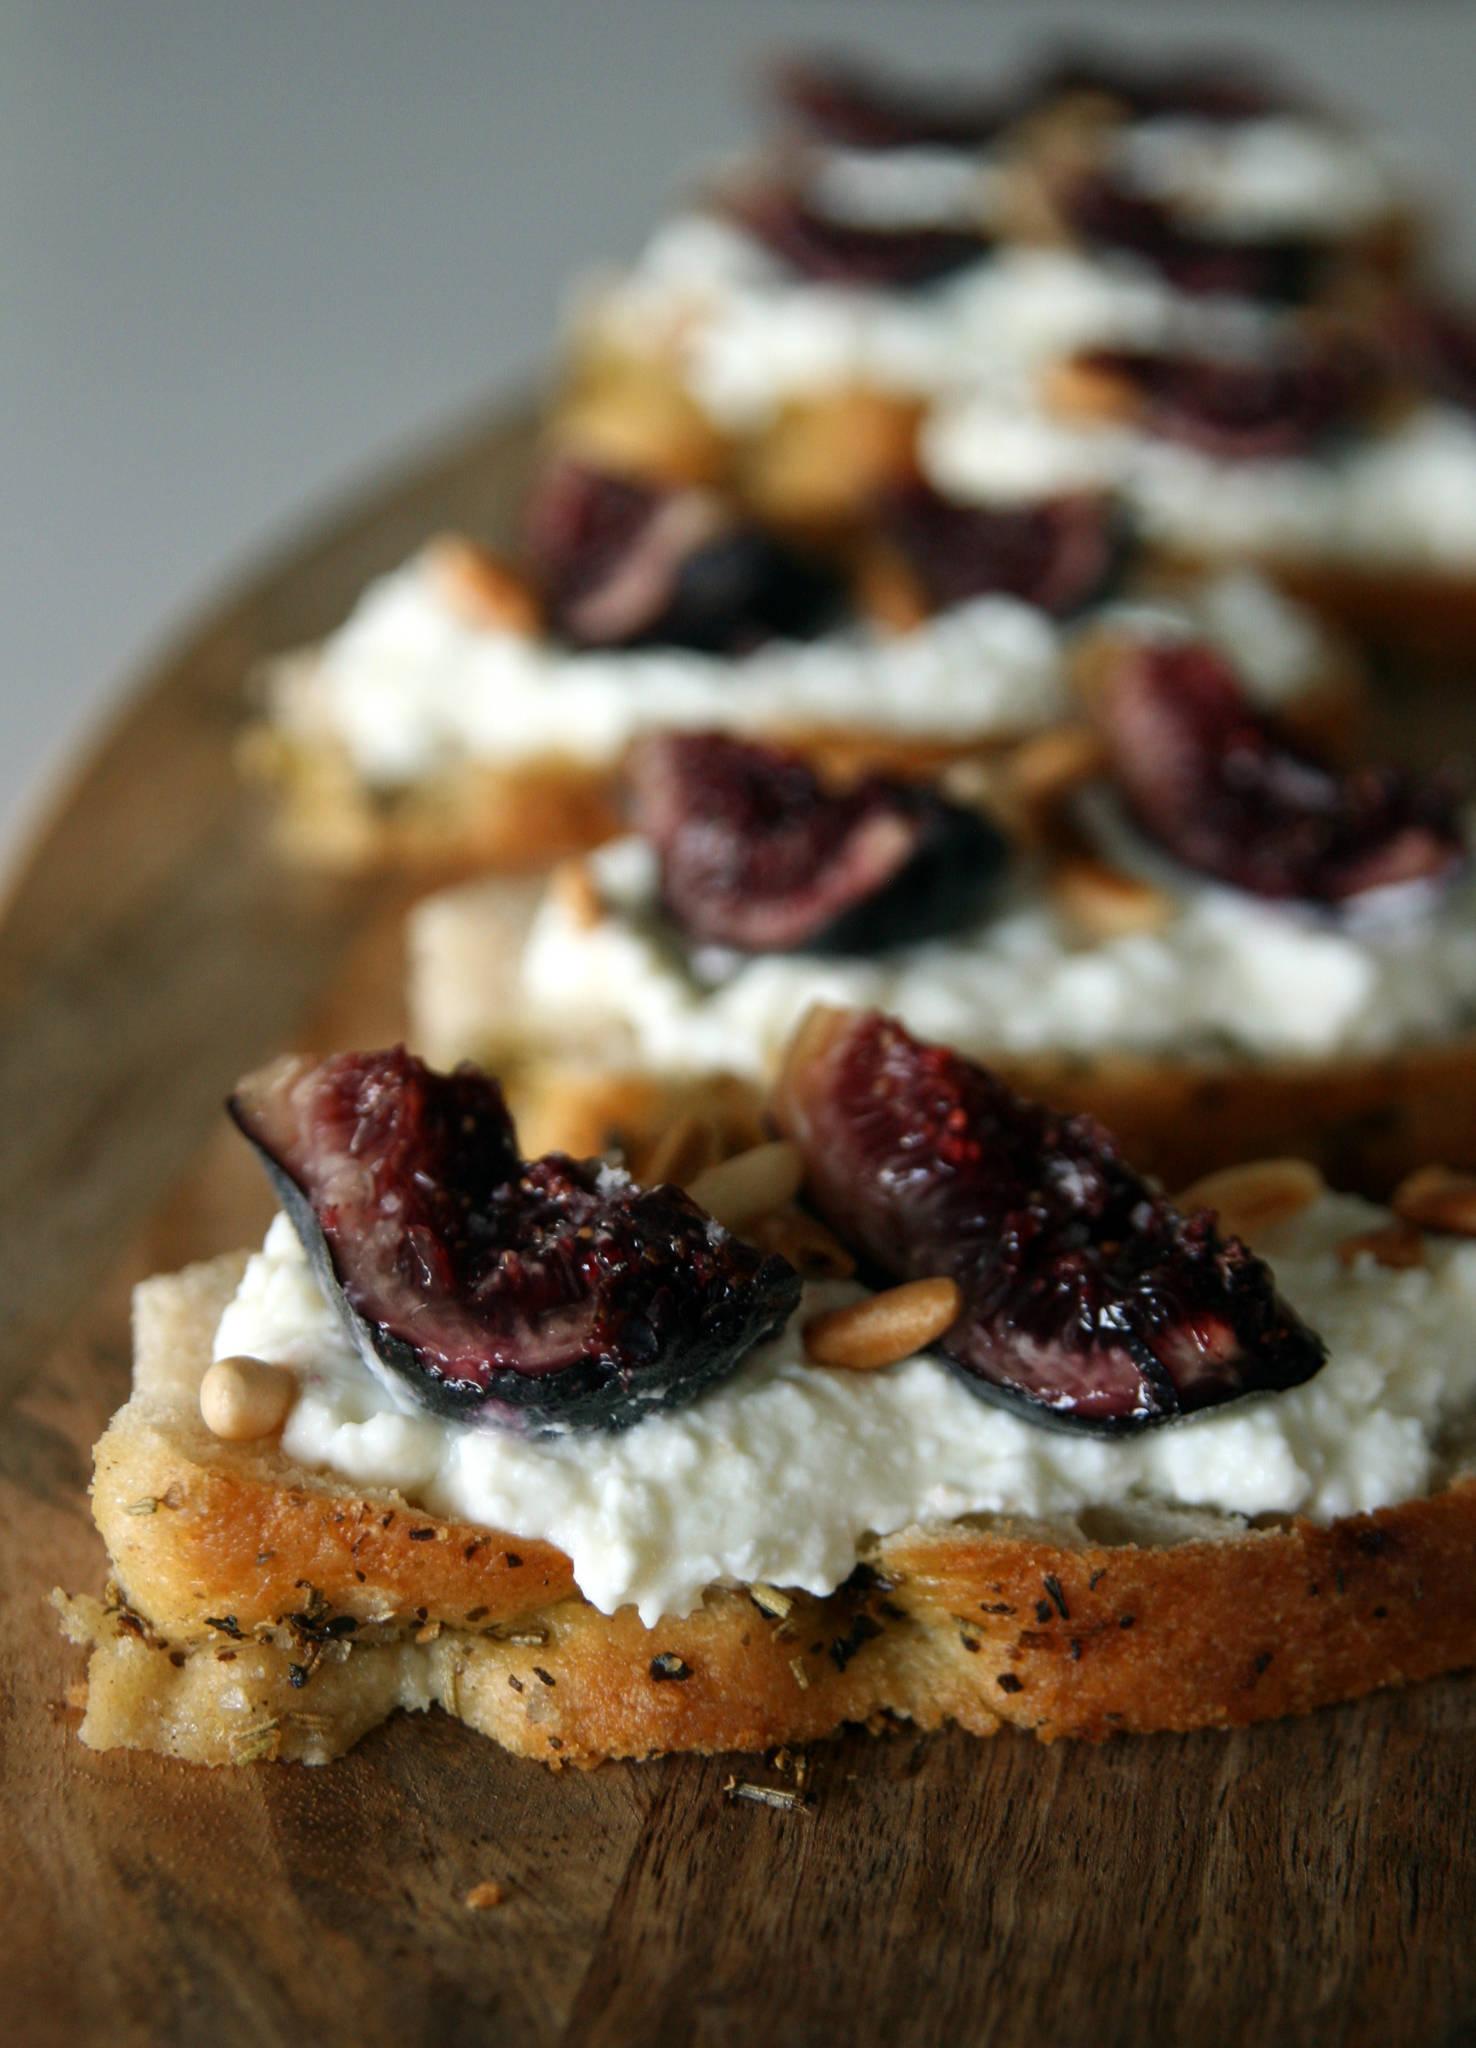 Tartines de foccacia, faisselle de brebis au miel, figues fraîches et pignons de pin torréfiés